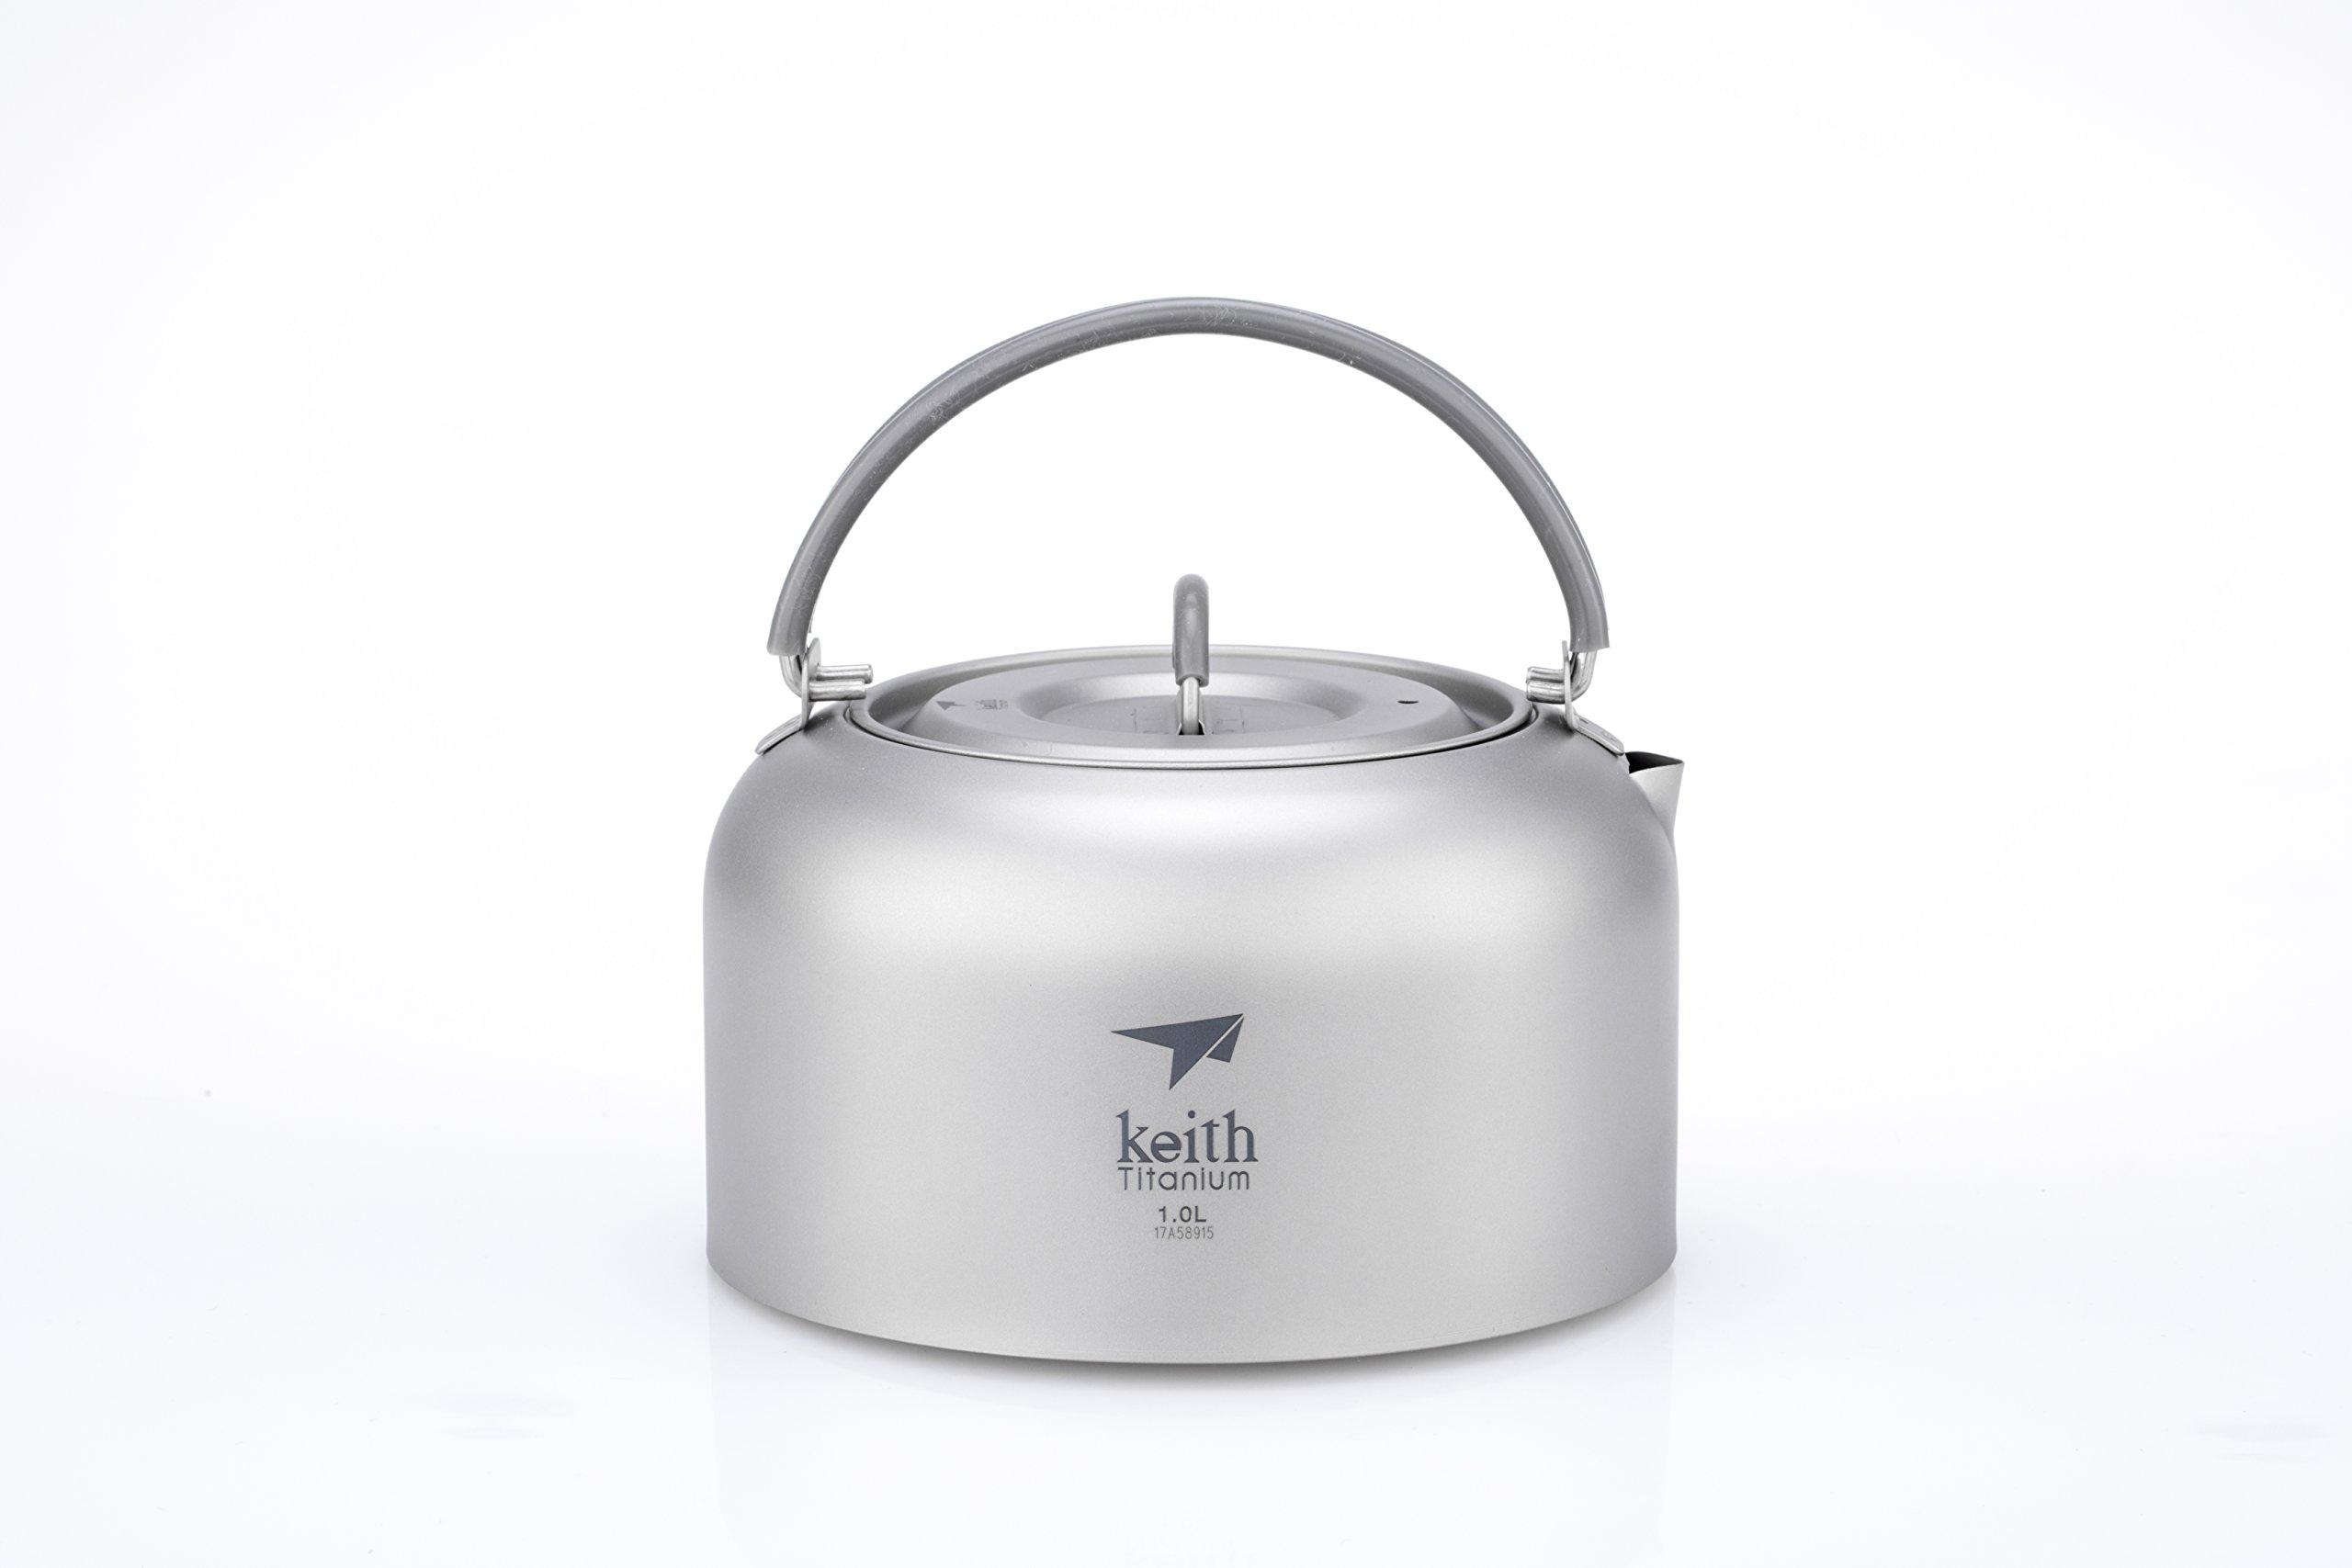 Keith Titanium Ti3901 Kettle - 1.0 L by Keith Titanium